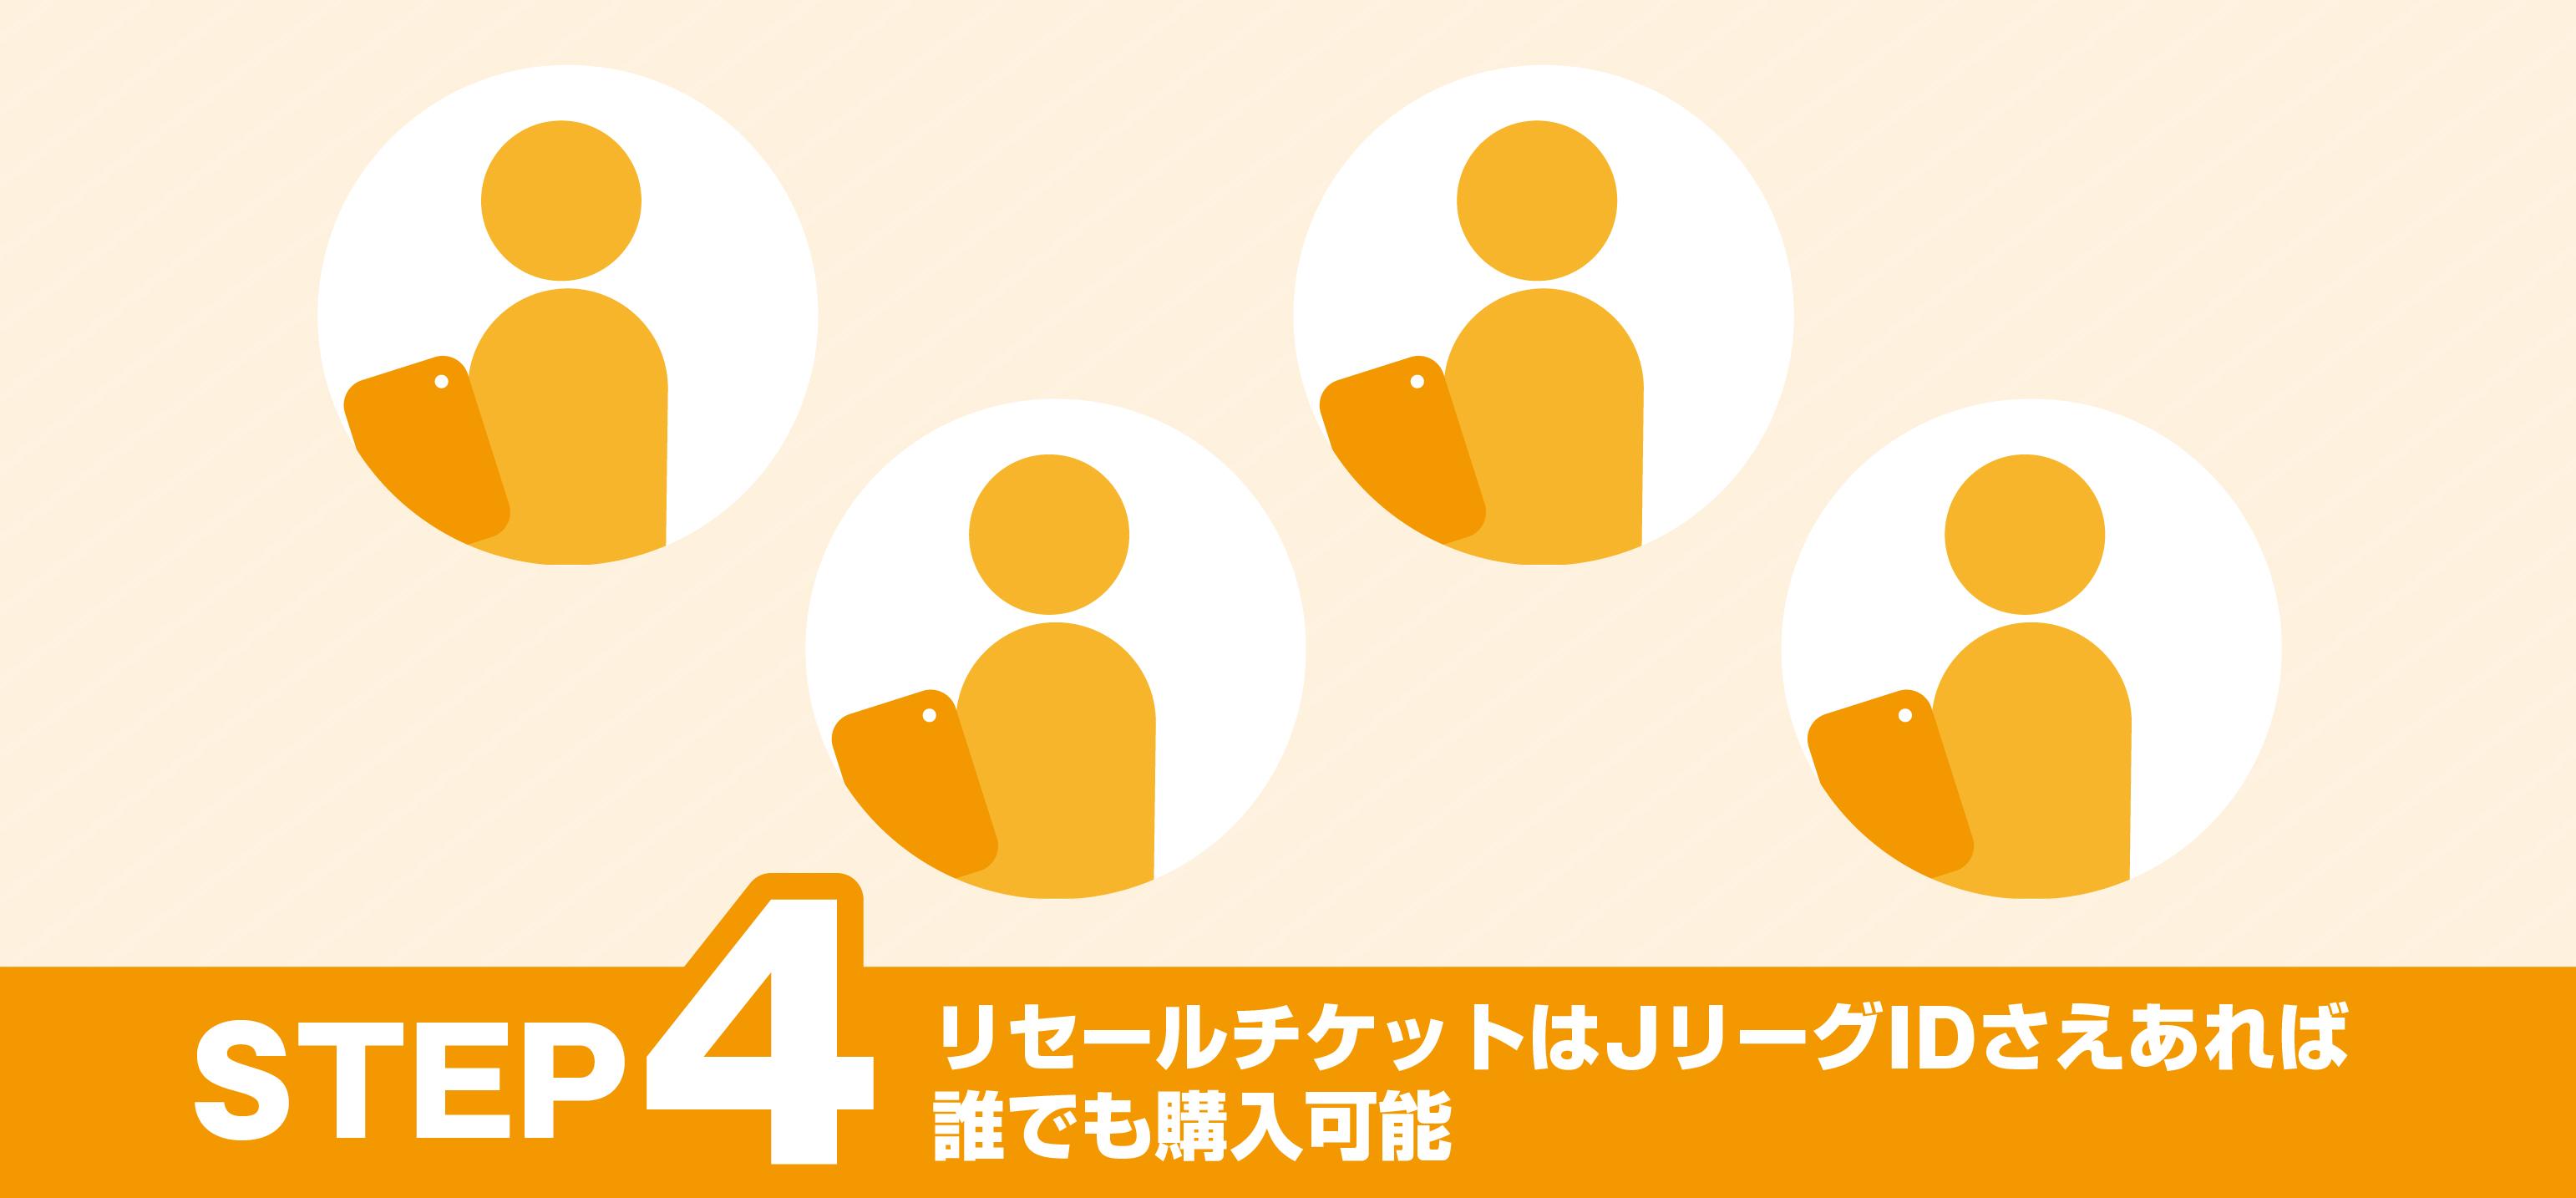 STEP4 リセールチケットはJリーグIDさえあればだれでも購入可能